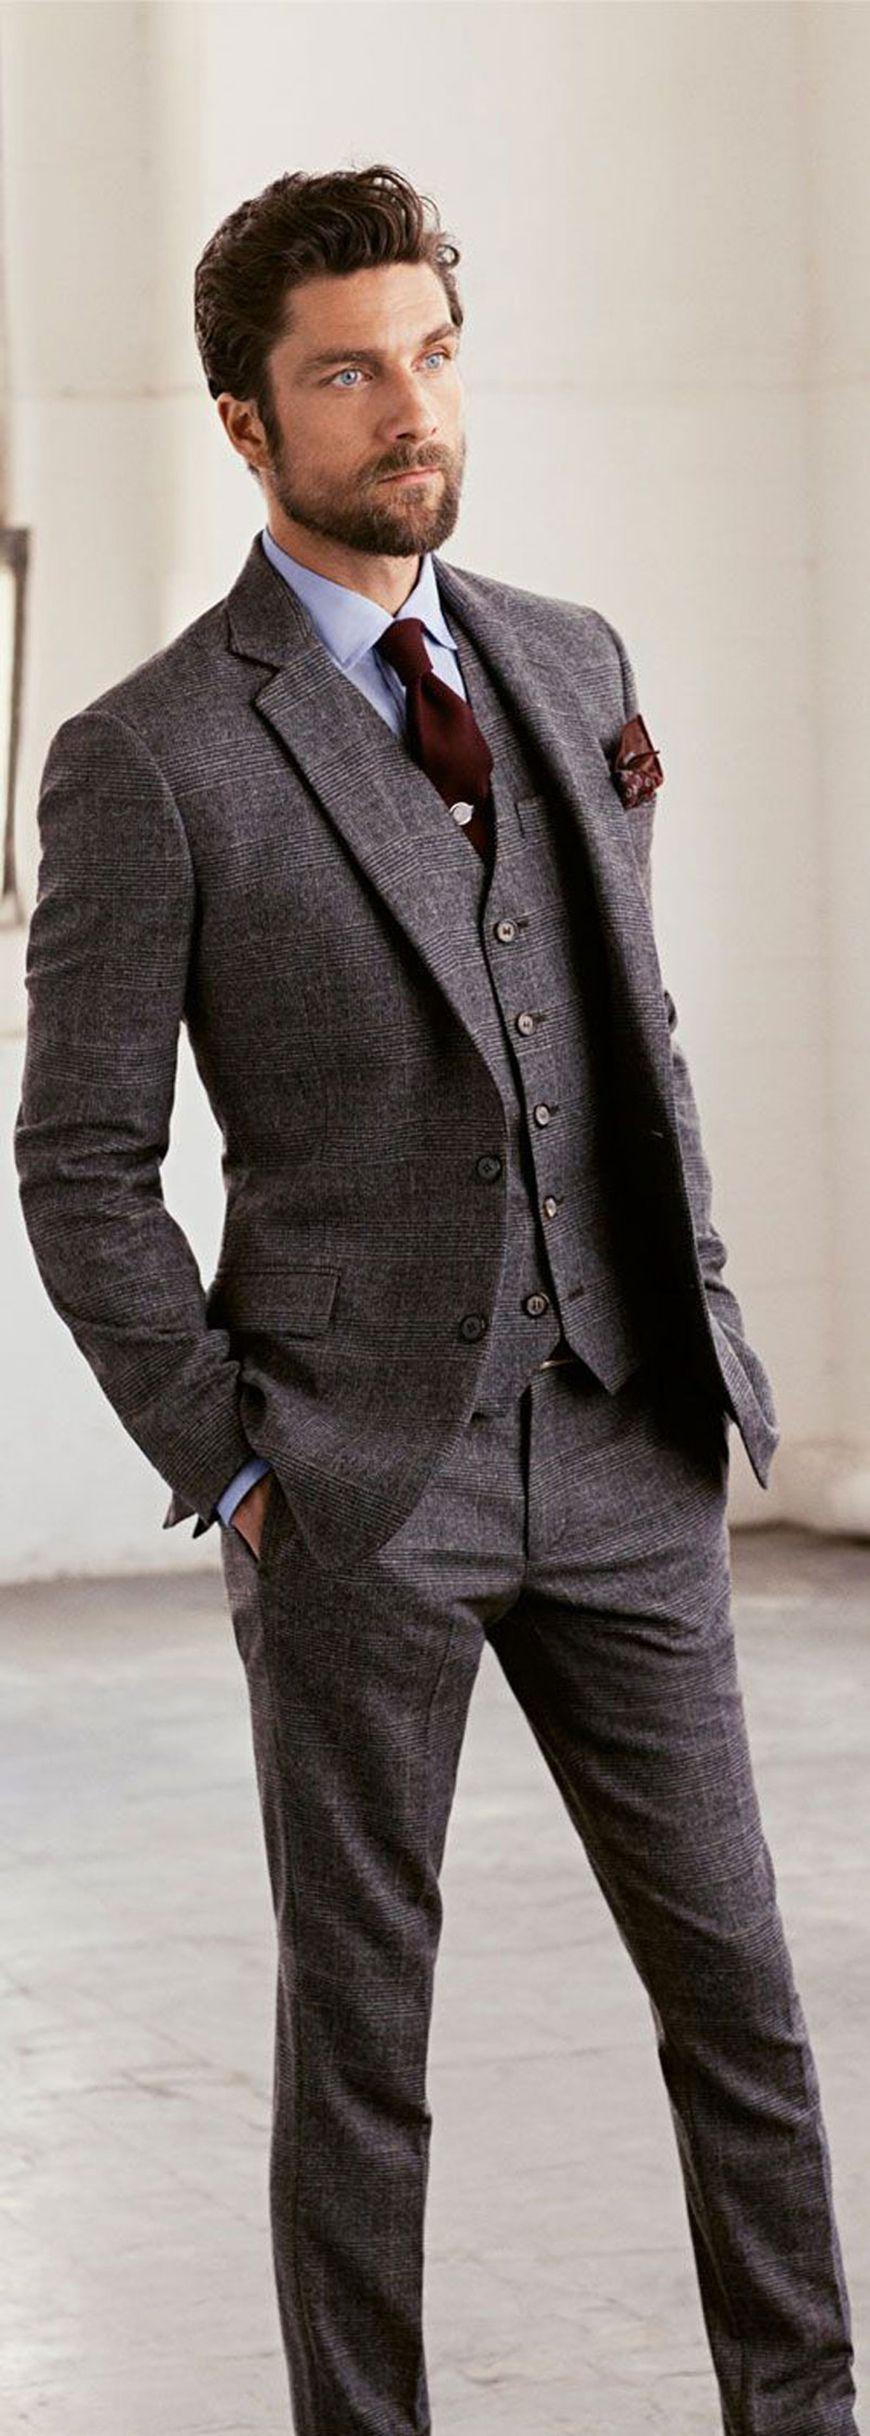 Wedding Ideas by Colour: Grey Wedding Suits - Alternative Fabric ...